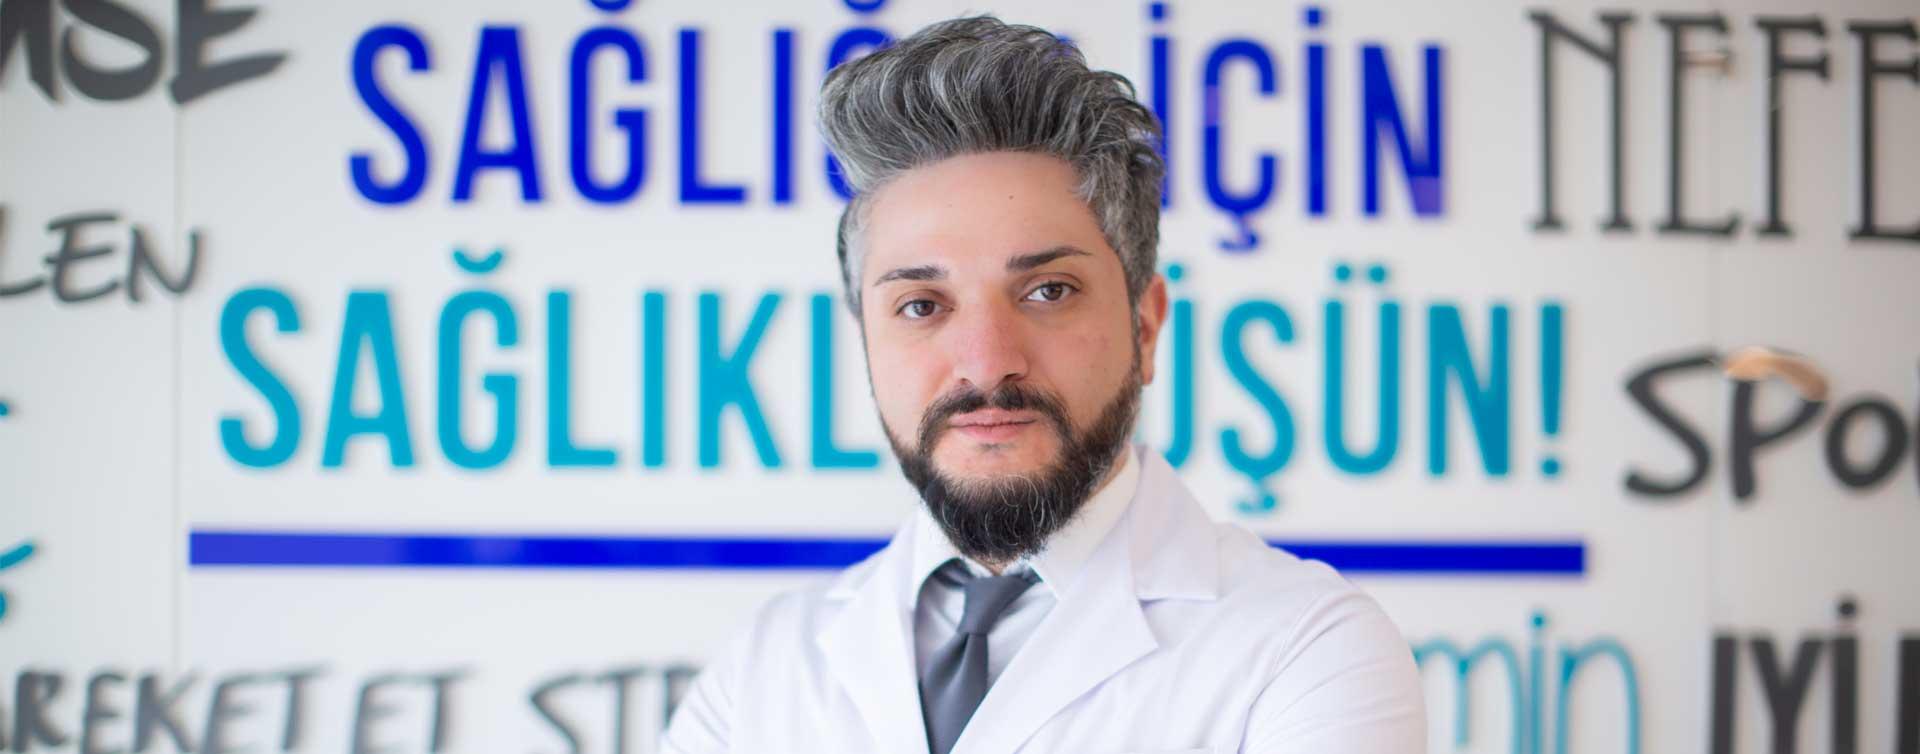 Beyin ve Sinir Cerrahisi Uzmanı Op. Dr. Eyüp Baykara, anevrizma tedavisindeki yenilikleri anlattı